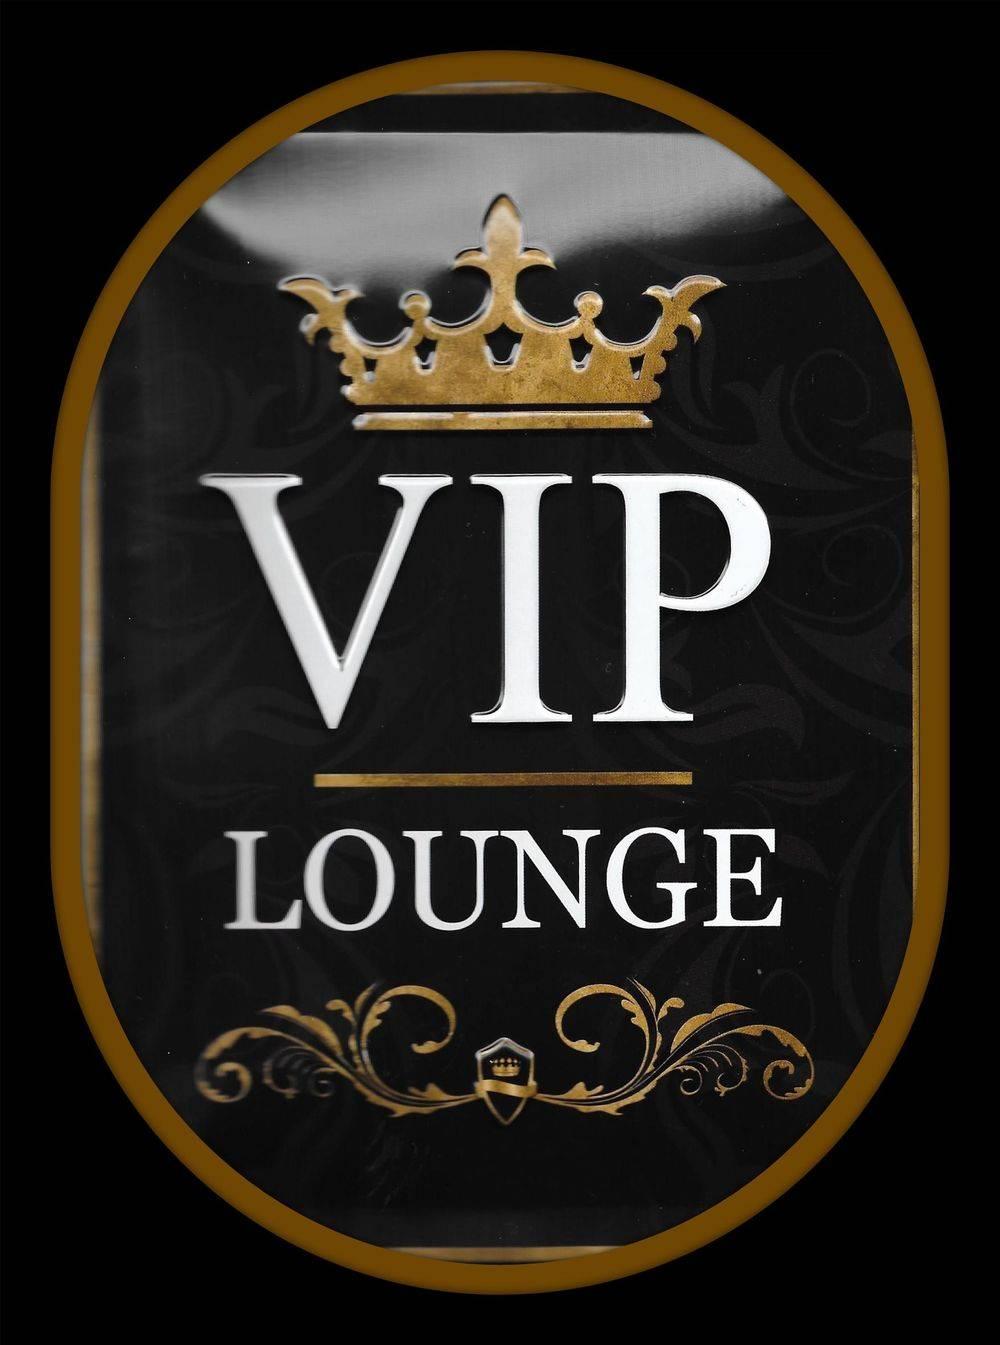 VIP Bien-être Chez Martine et Philippe Salon Lounge